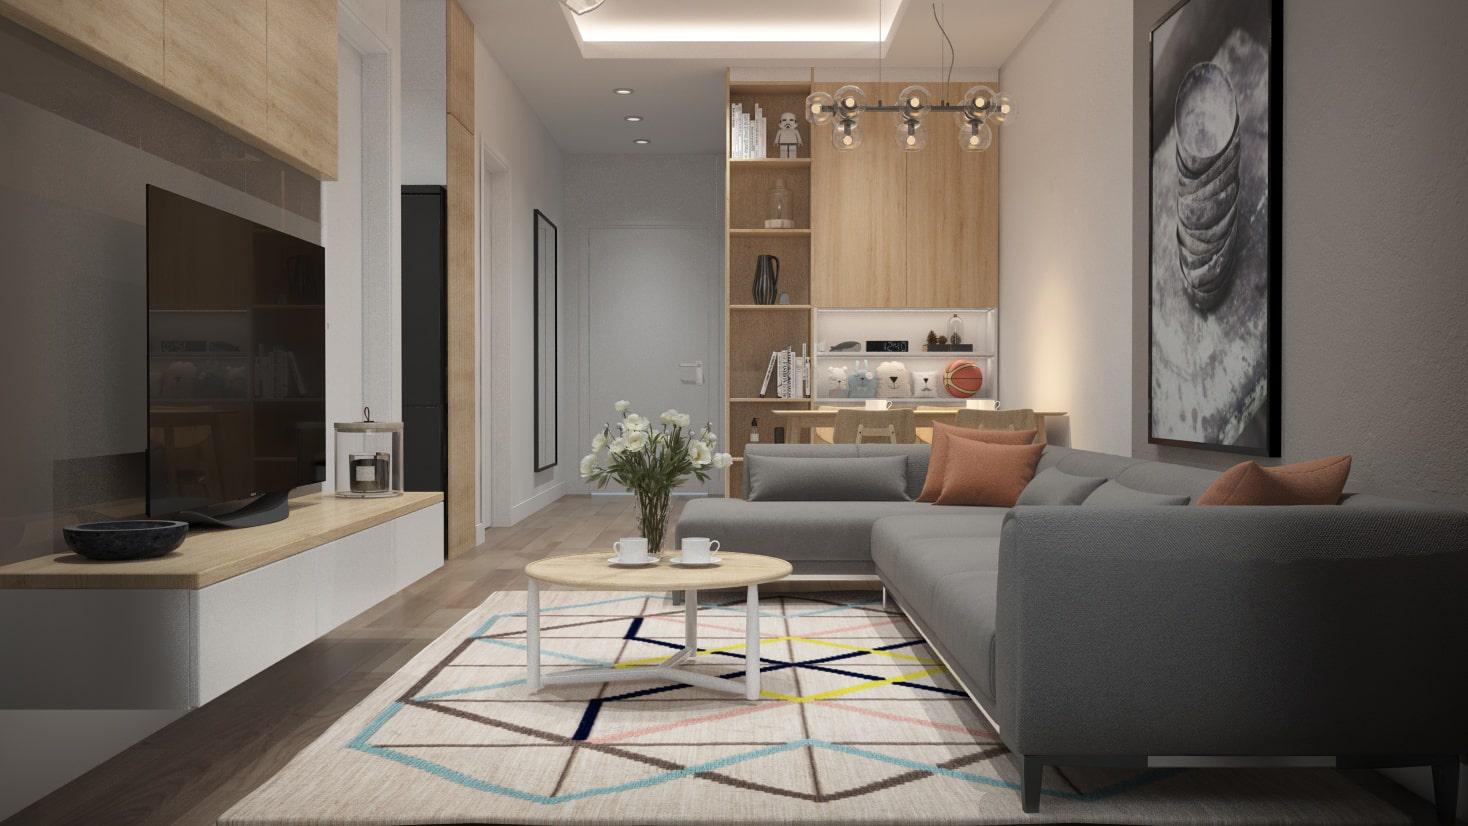 Thiết kế nội thất phòng khách nhà phố sang trọng, hiện đại